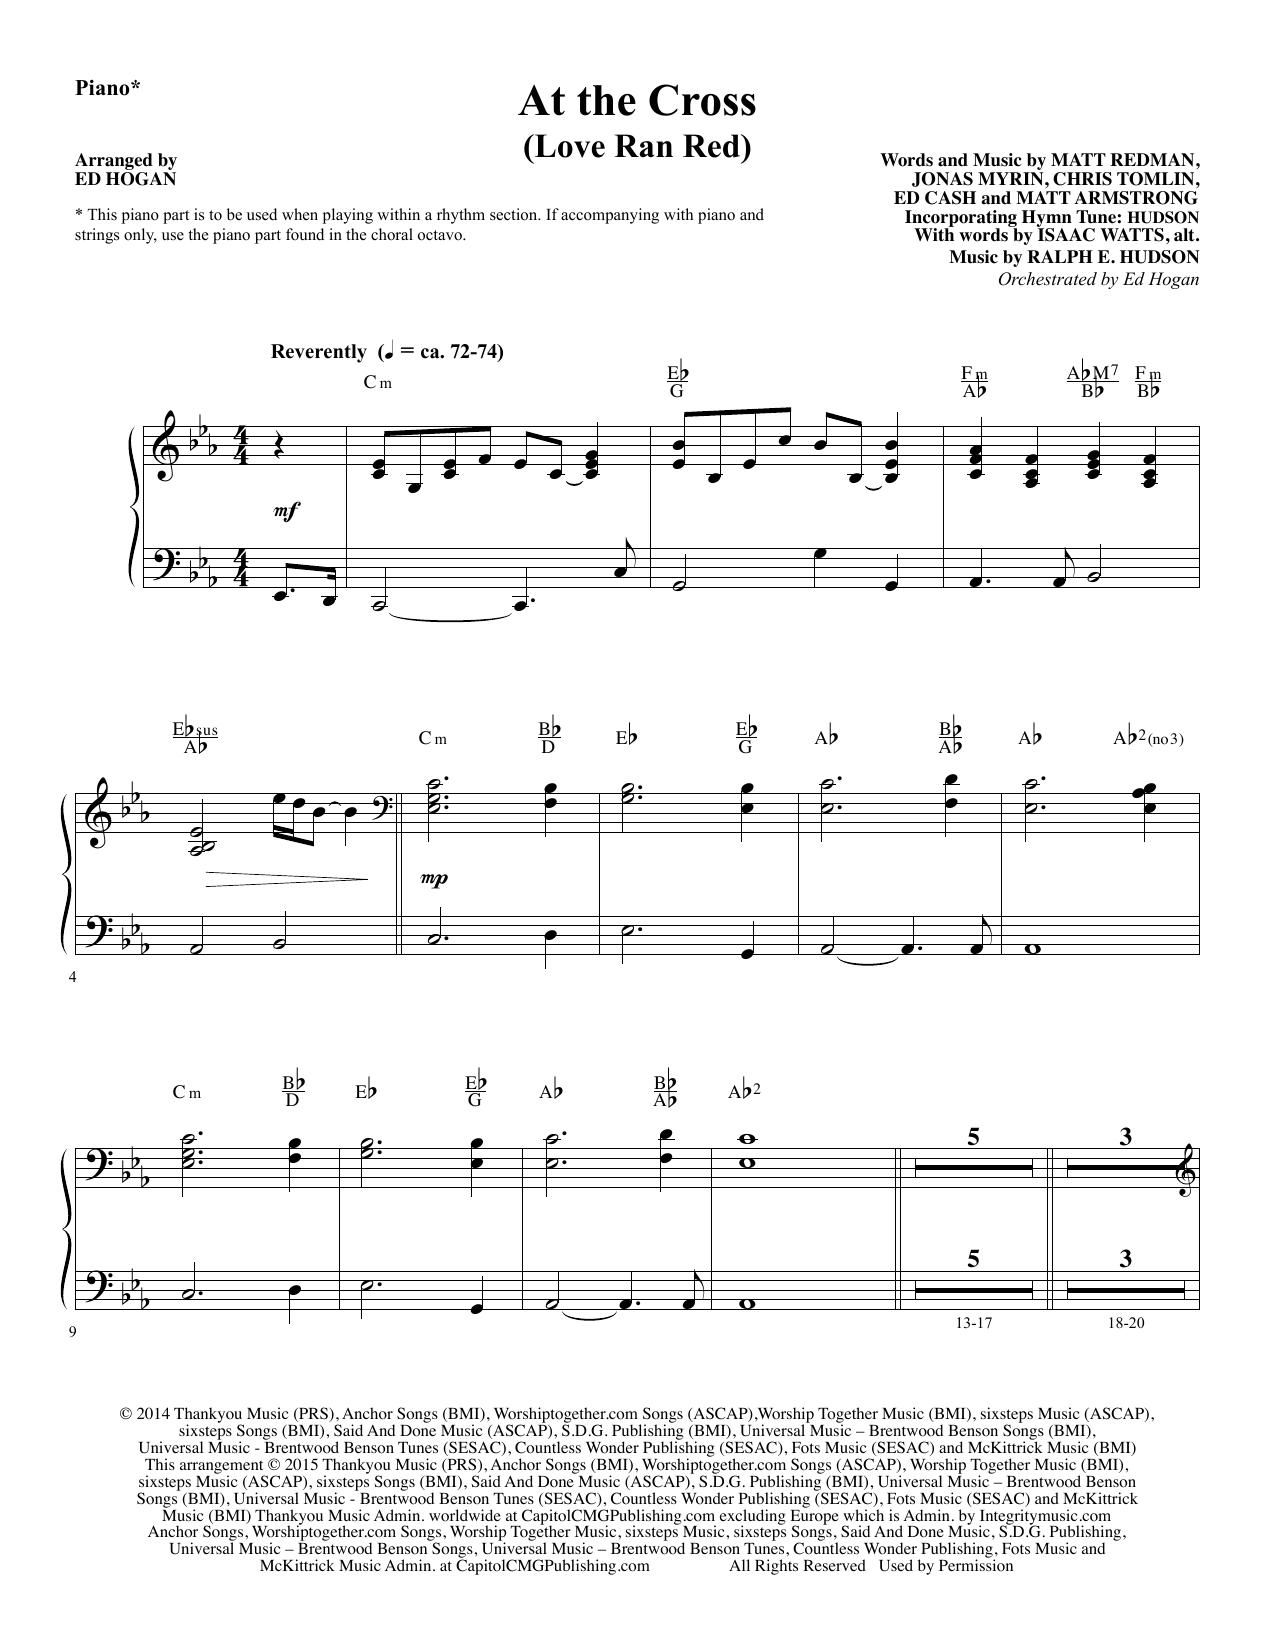 At the Cross - Piano sheet music